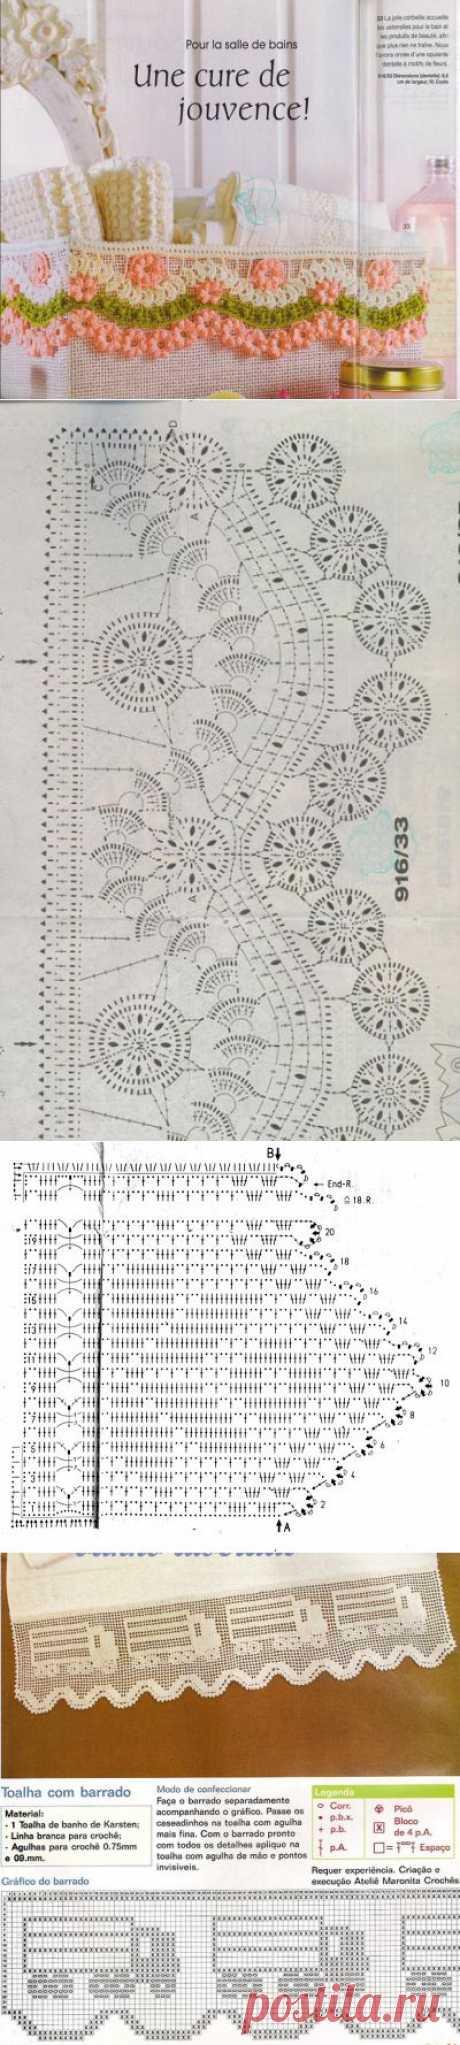 Обвязка крючком края изделия. Схемы вязания